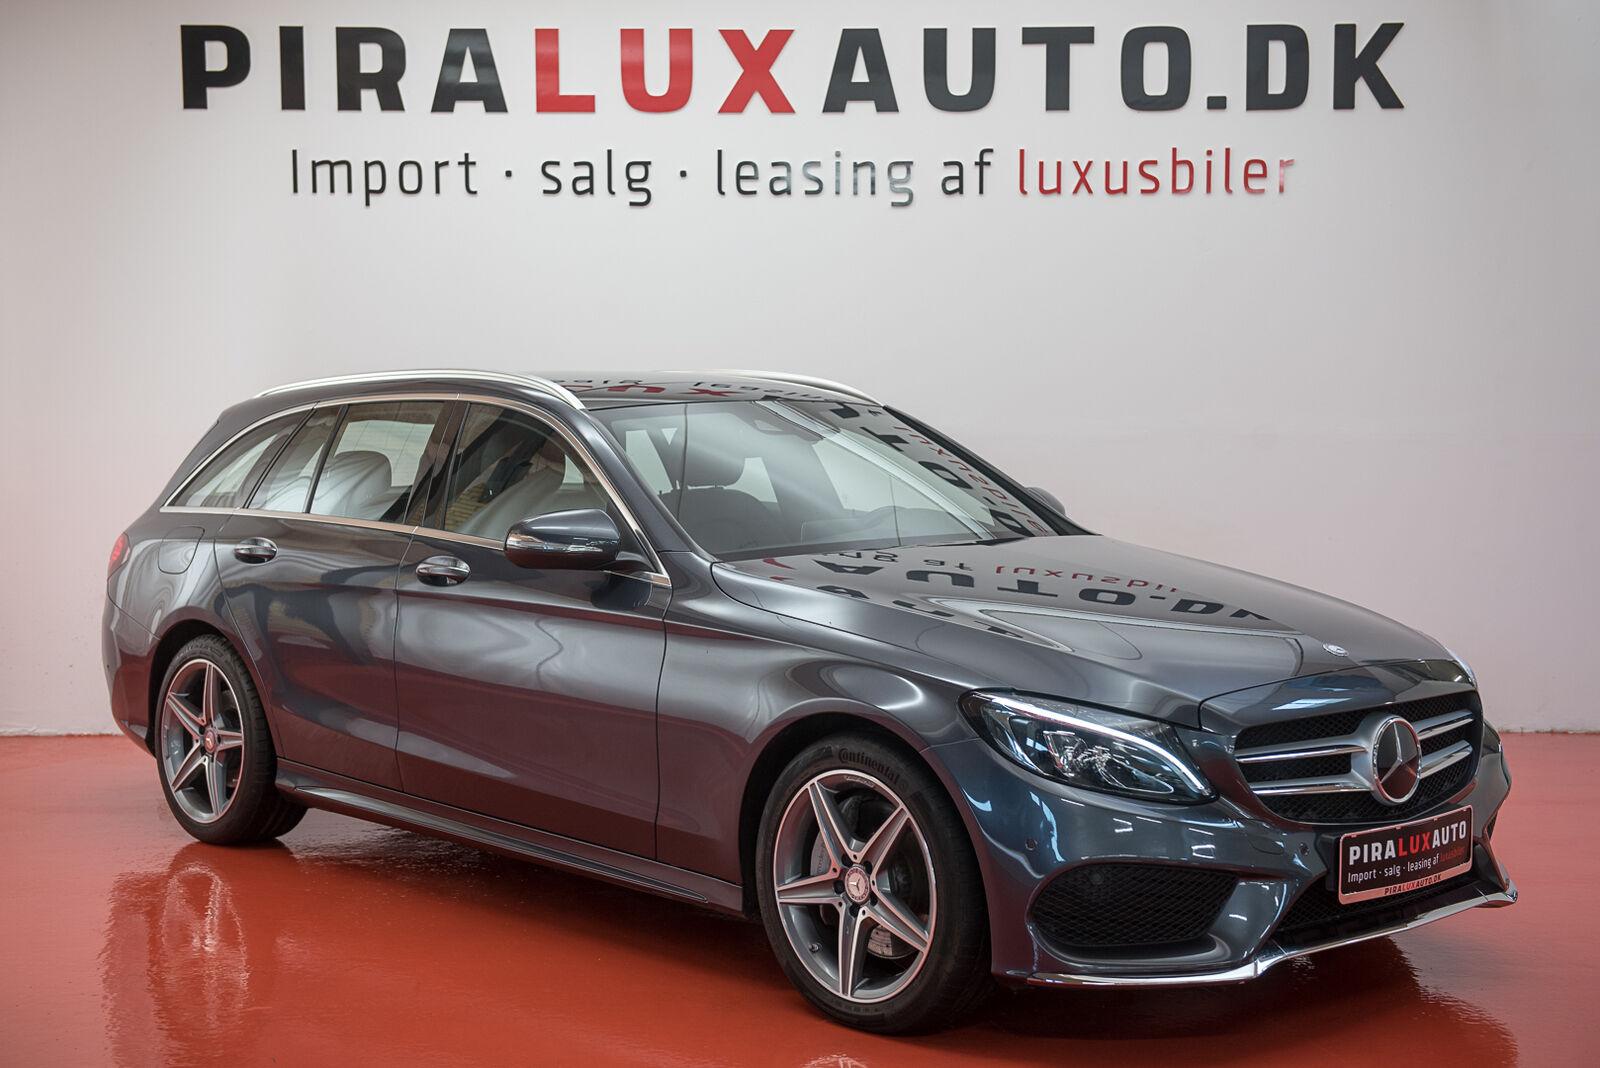 Mercedes C250 2,2 BlueTEC AMG Line stc. aut. 5d - 409.900 kr.